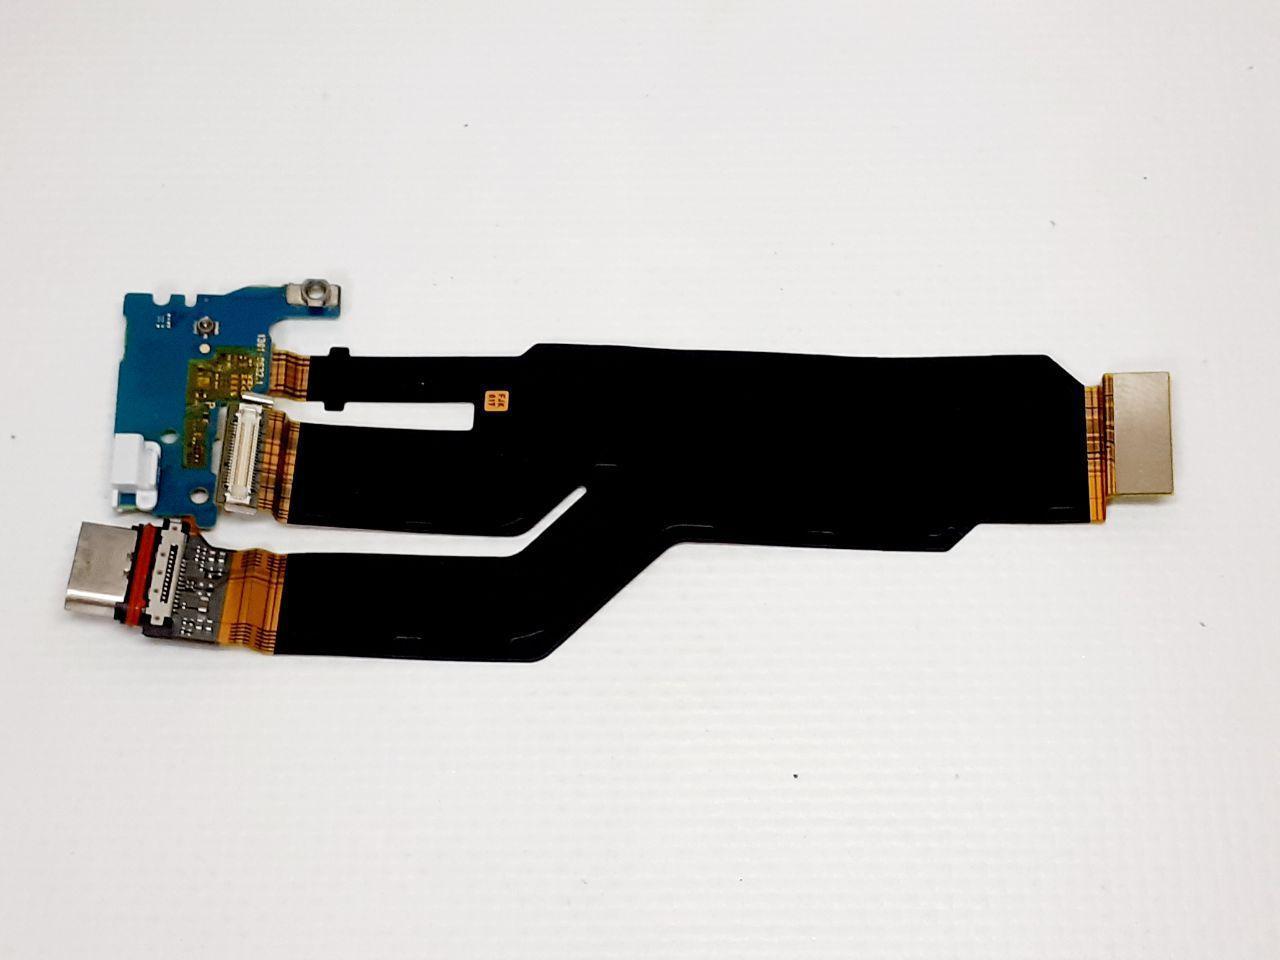 Шлейф Sony F8331 Xperia XZ / F8332 Xperia XZ / G8231 Xperia XZs / G8232 Xperia XZs, с разъемом на зарядку , ор